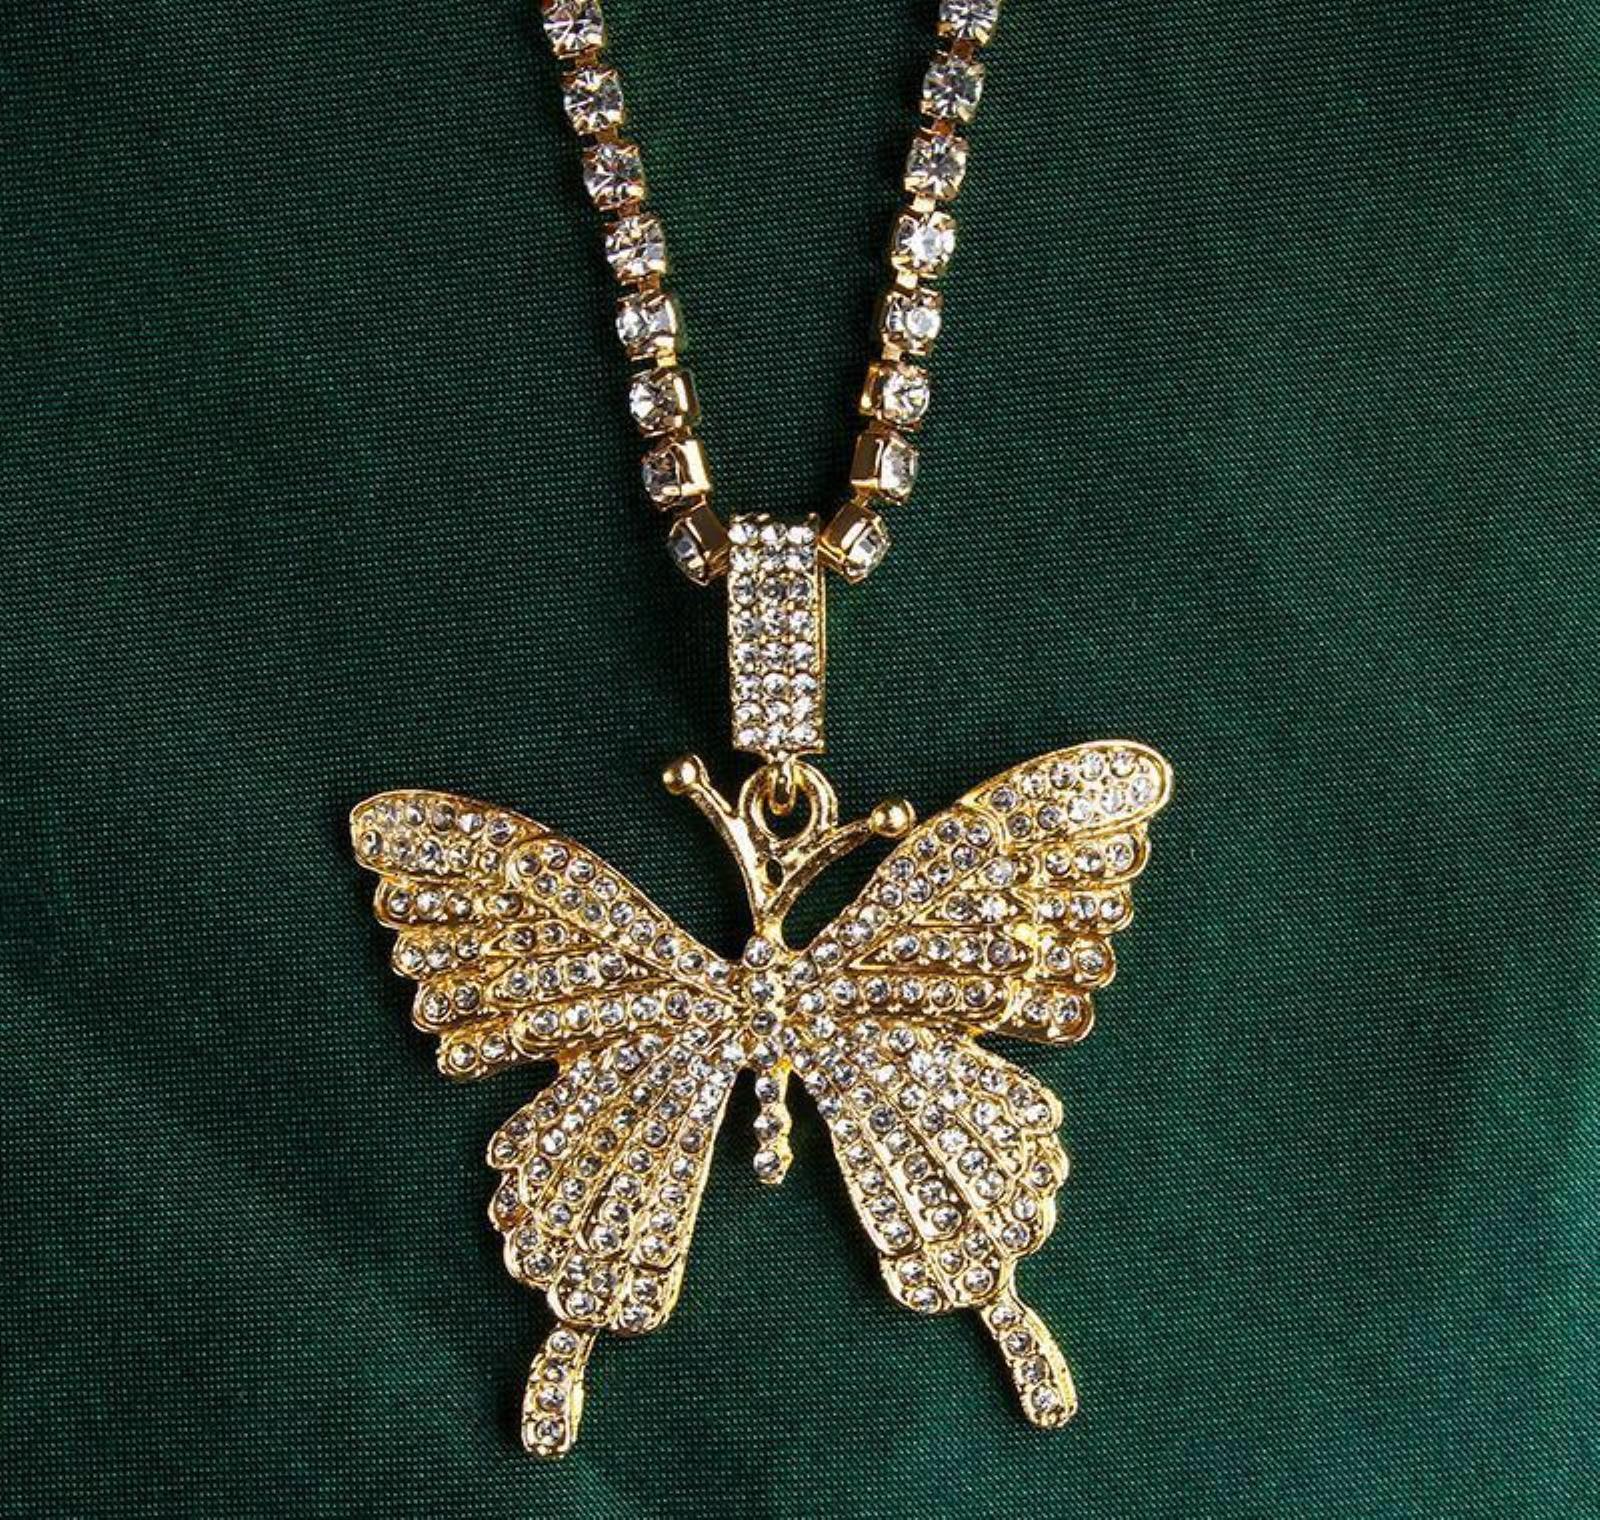 Estilo de moda COLLA DE HIPHOP MARIPOSA Colgante Collar Colgante de cristal completo Mujeres Iced Out Bling Butterfl Jlljyv DH_garden